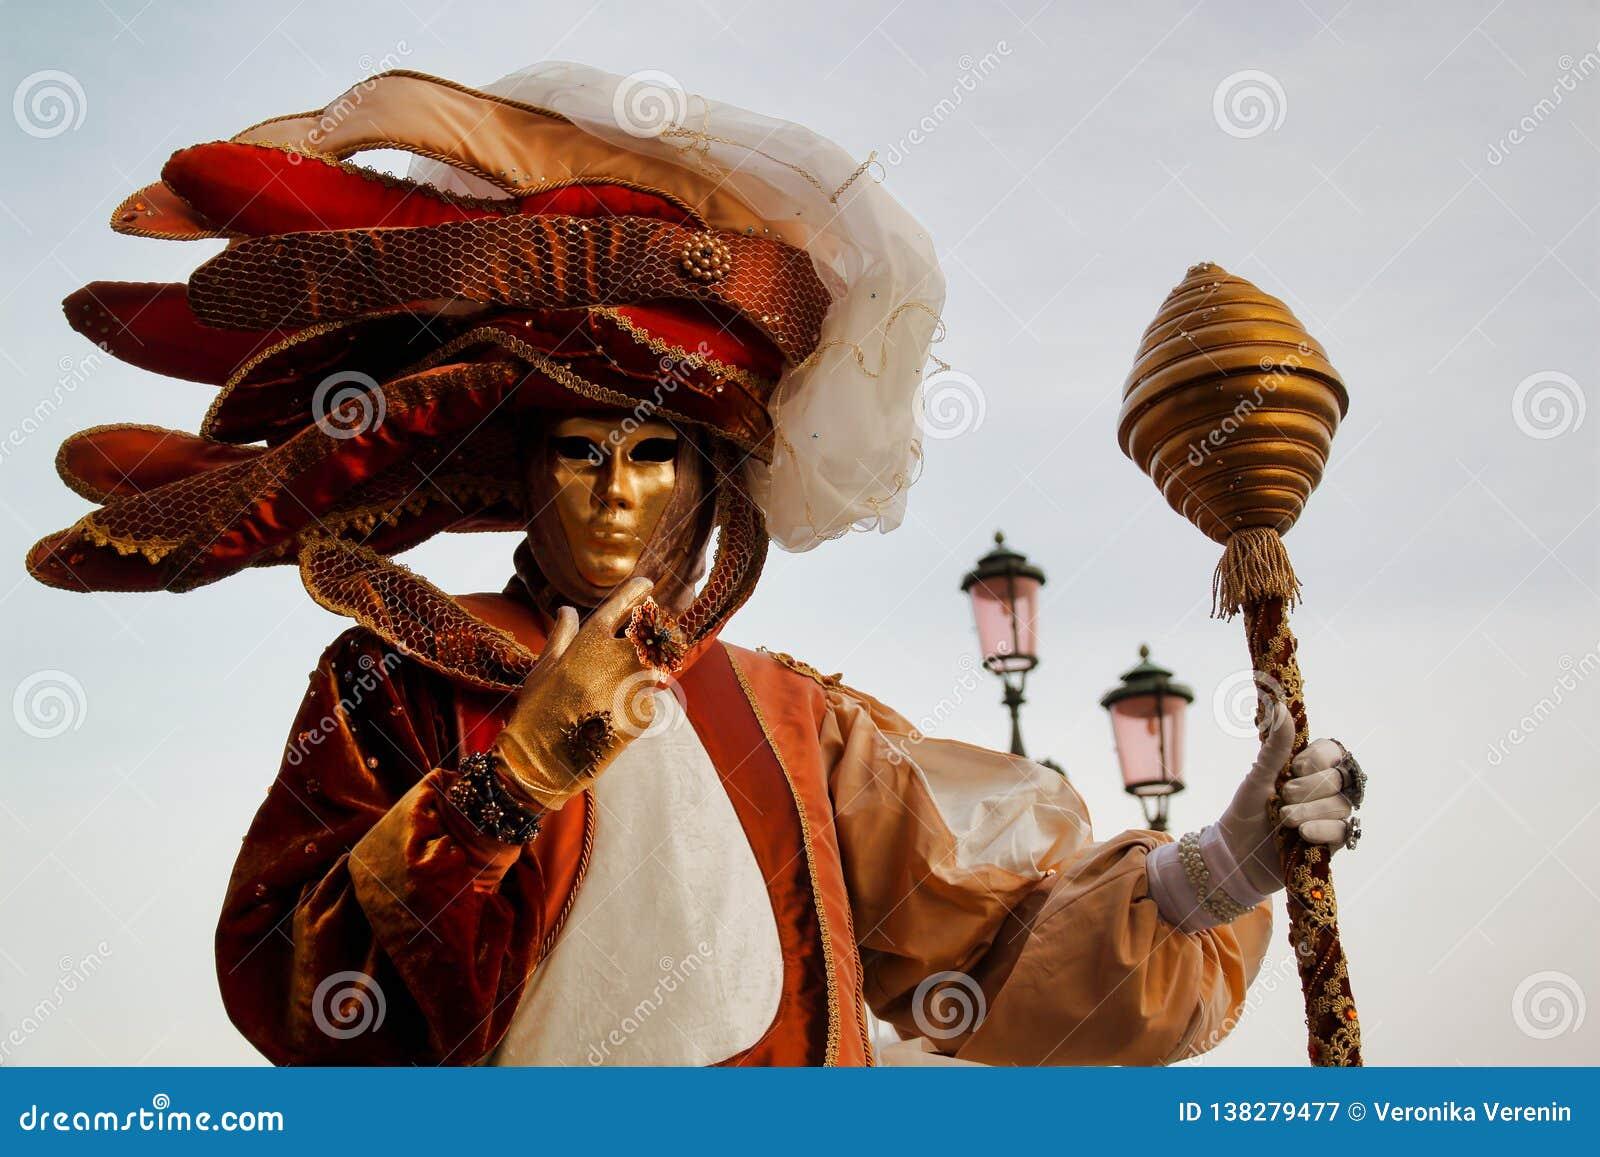 Маска и костюм красочной масленицы золото-бежев-коричневая на традиционном фестивале в Венеции, Италии